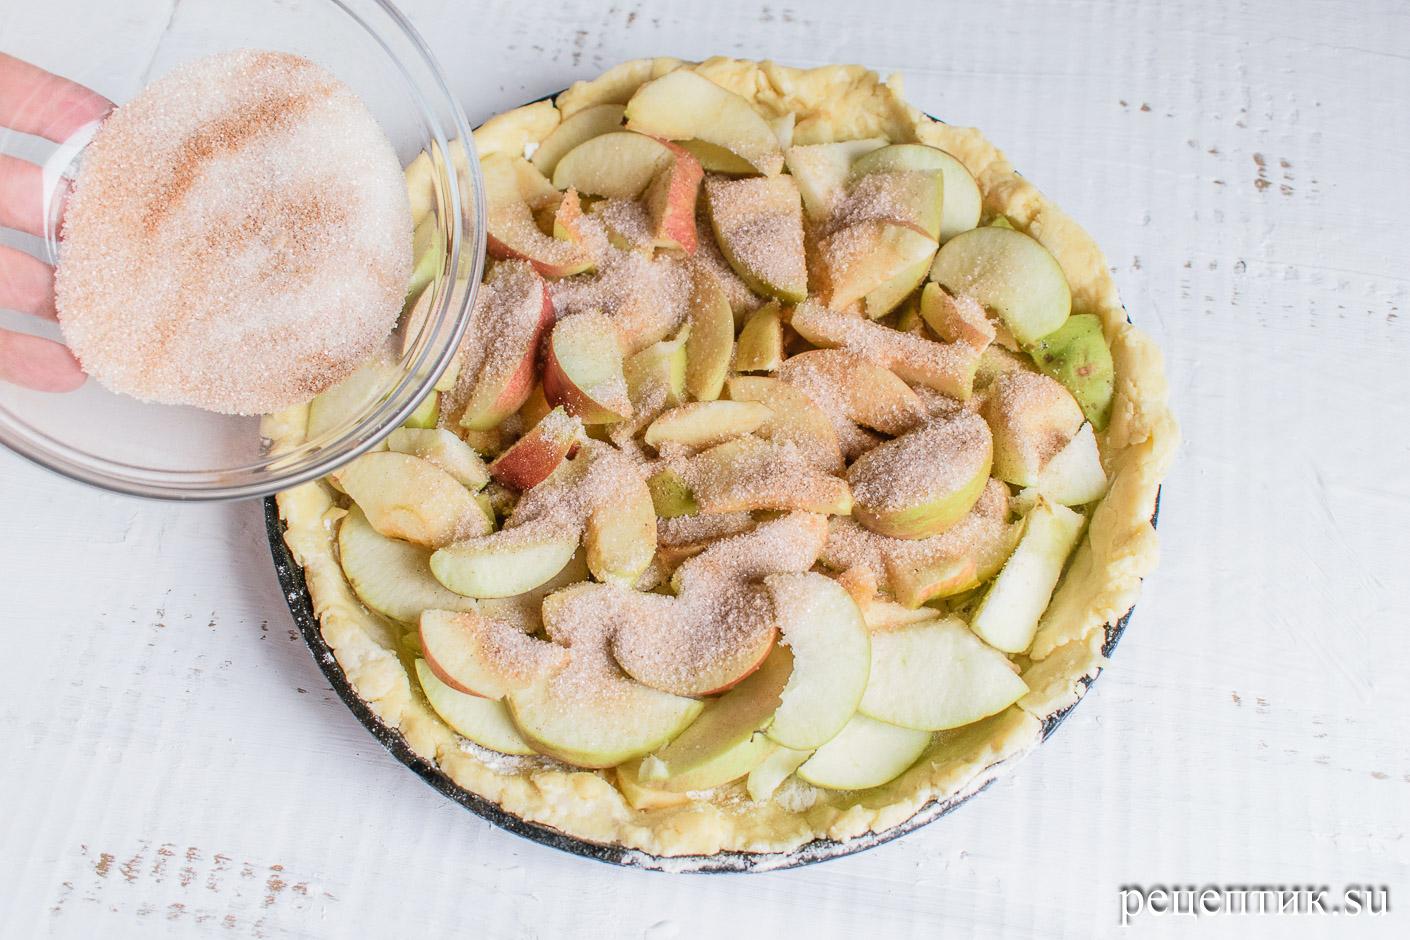 Яблочный пирог с решеткой из песочного теста - рецепт с фото, шаг 7